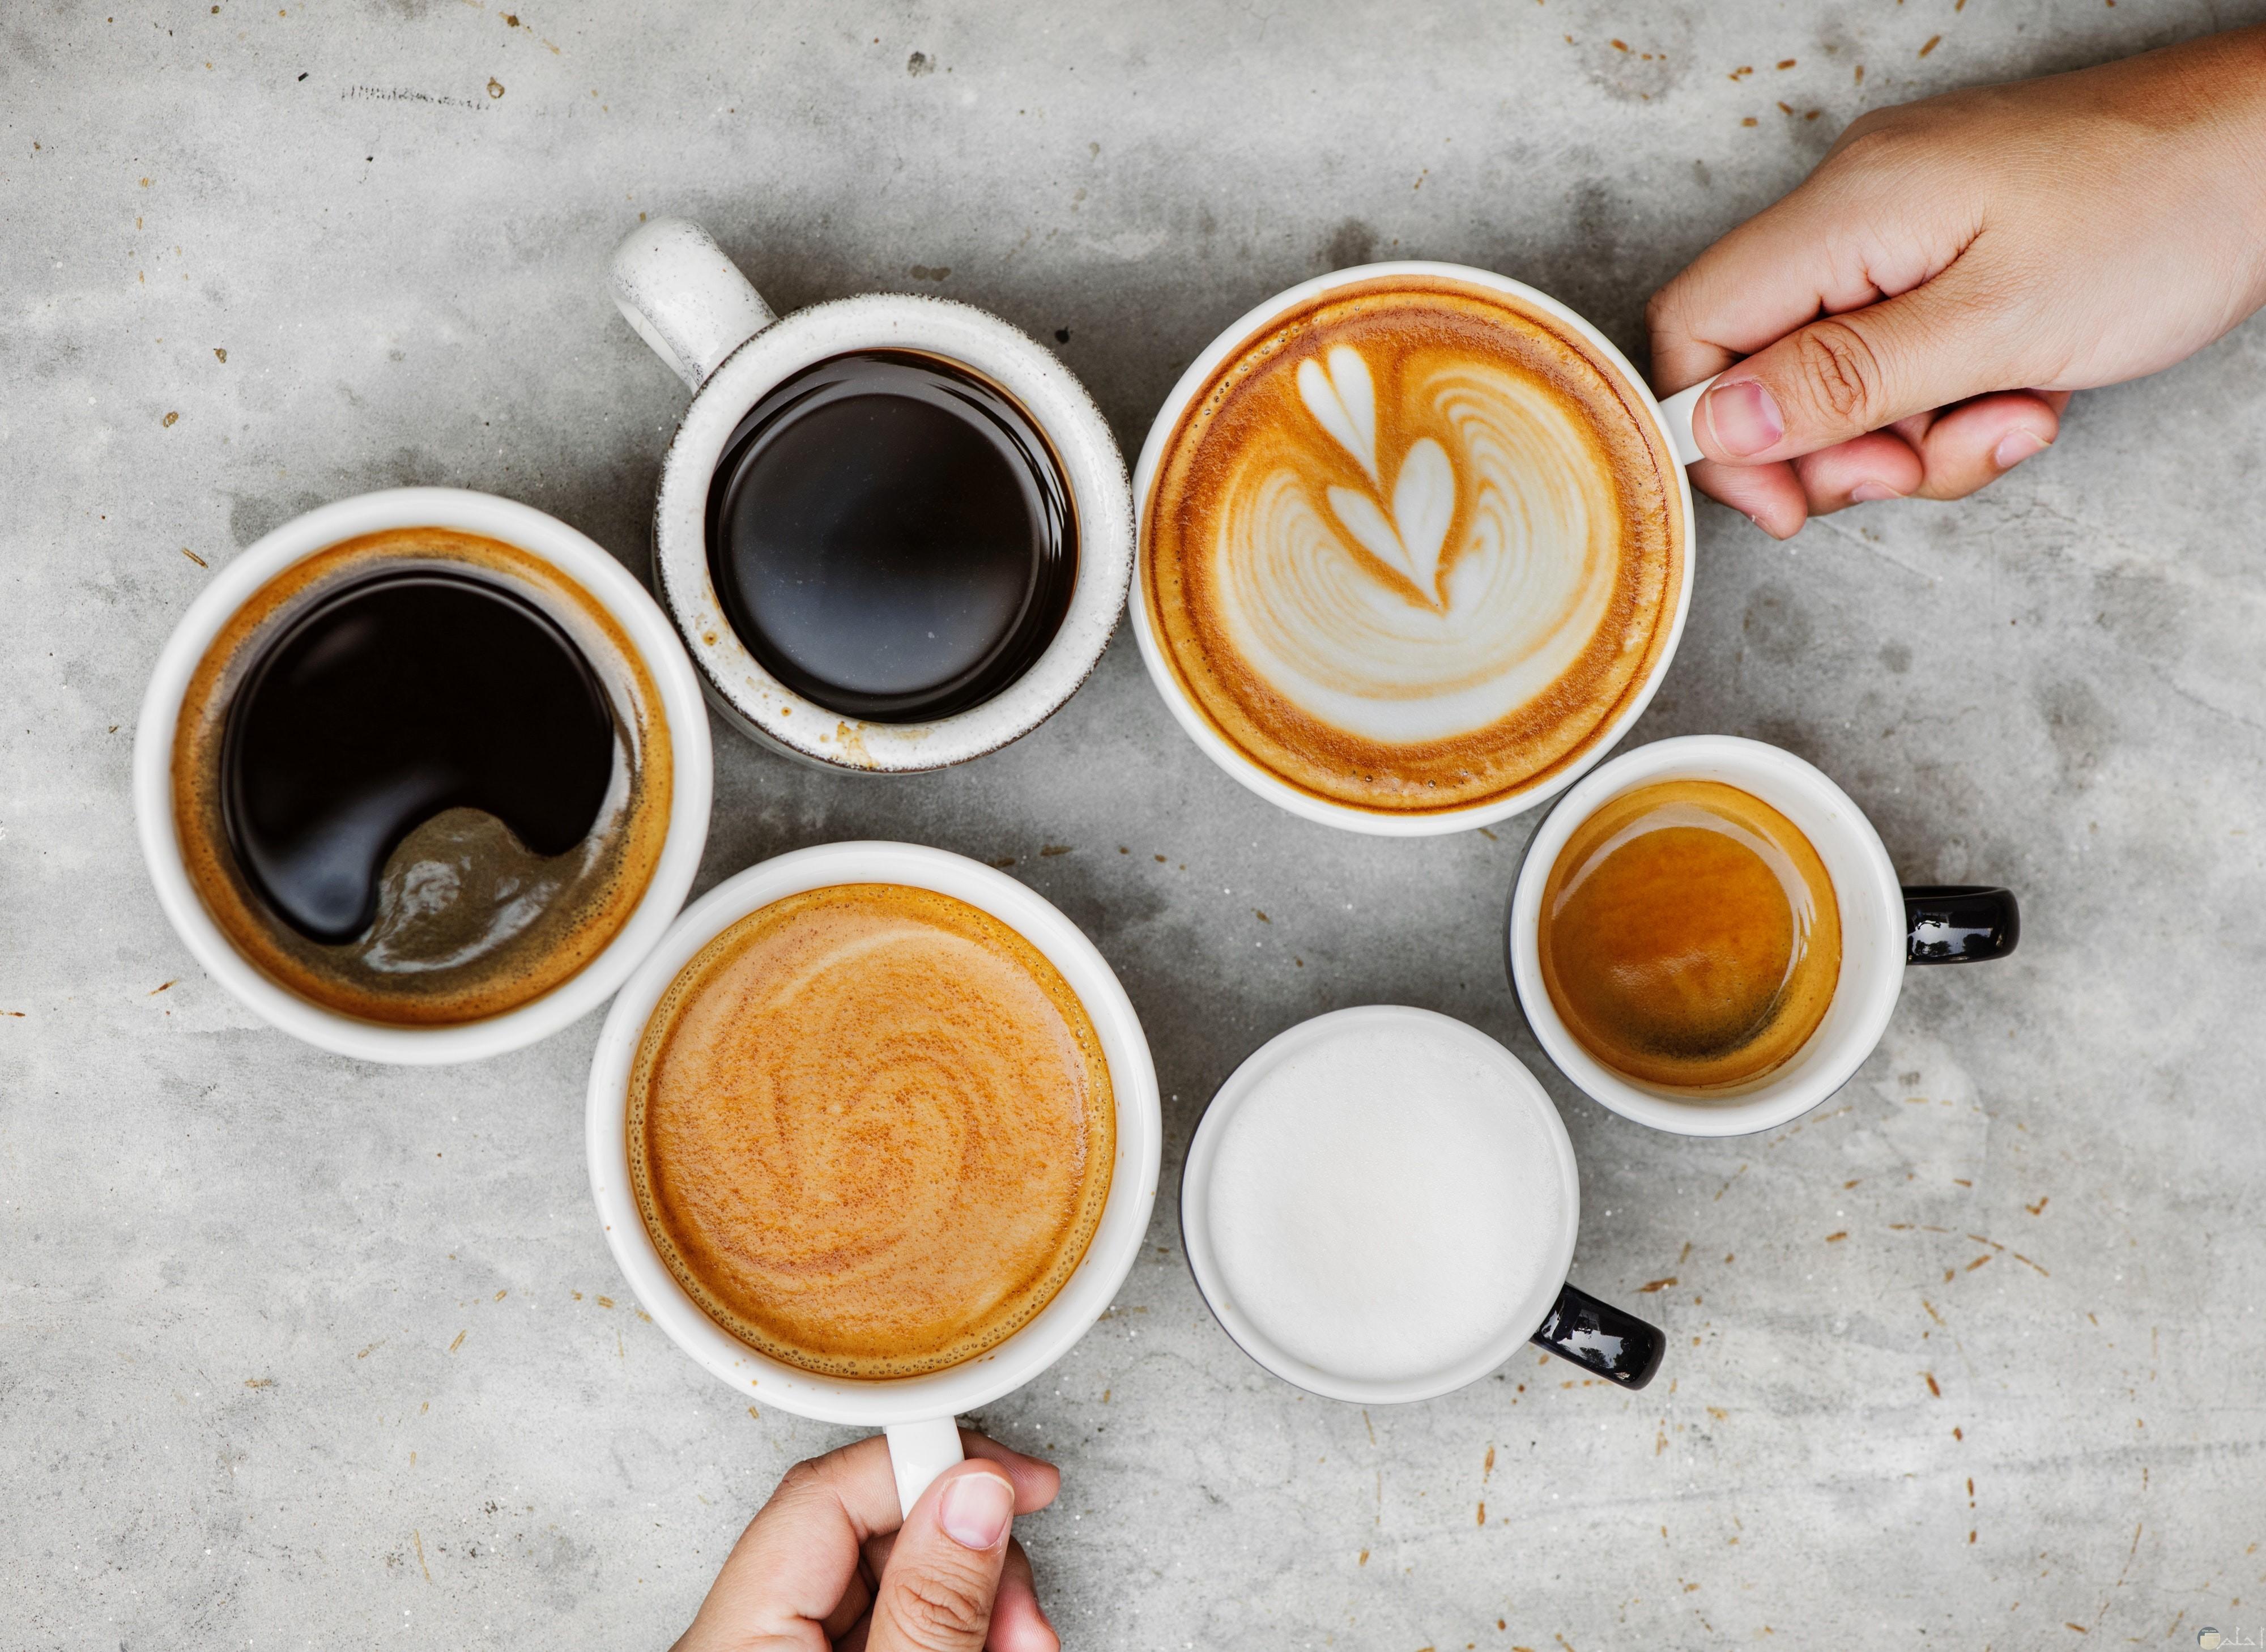 صور ترحيبية مع القهوة في الصباح